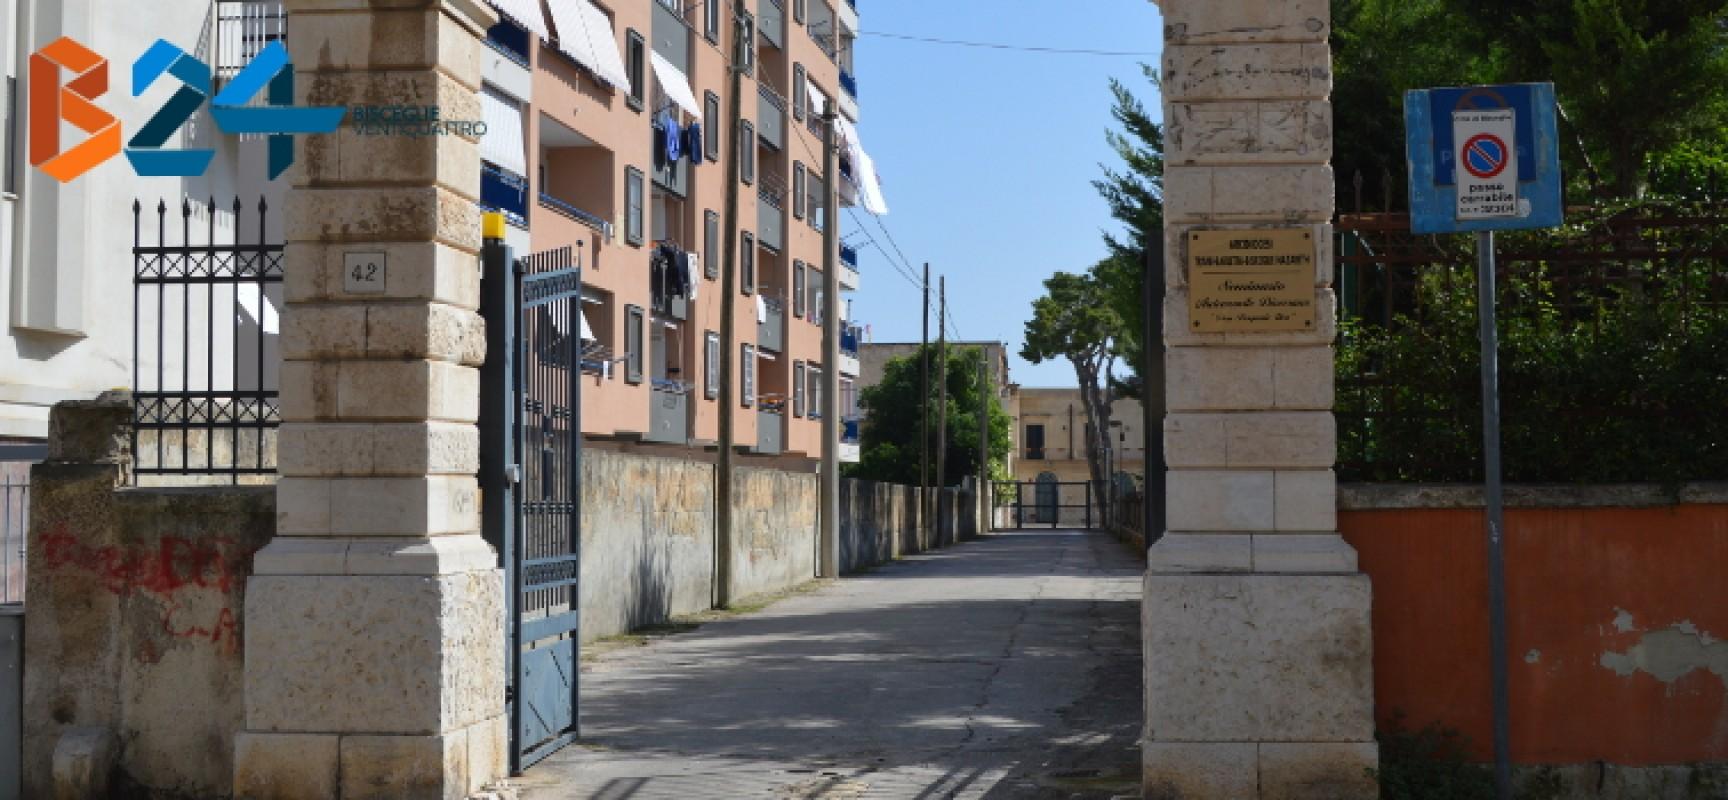 Stasera la presentazione dell'ultimo libro di Sandro Calvani in città